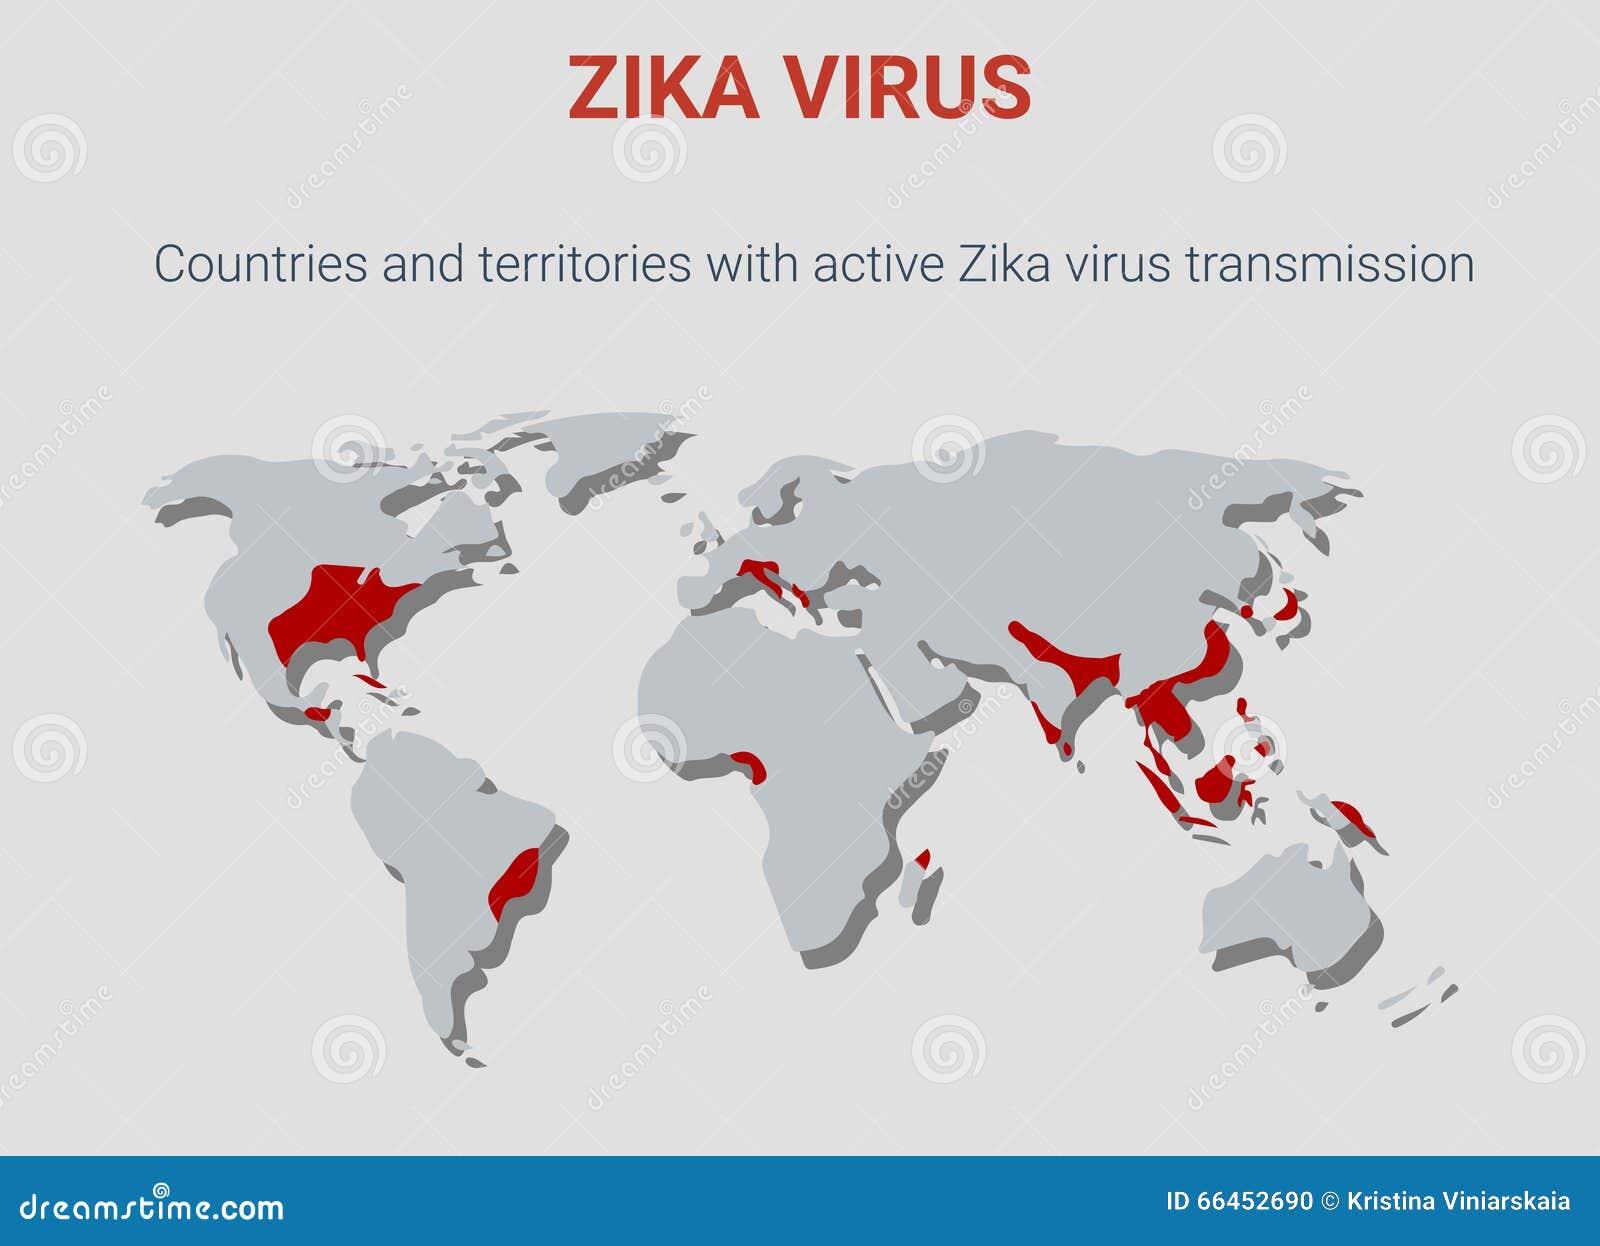 Zika Virus  CDC